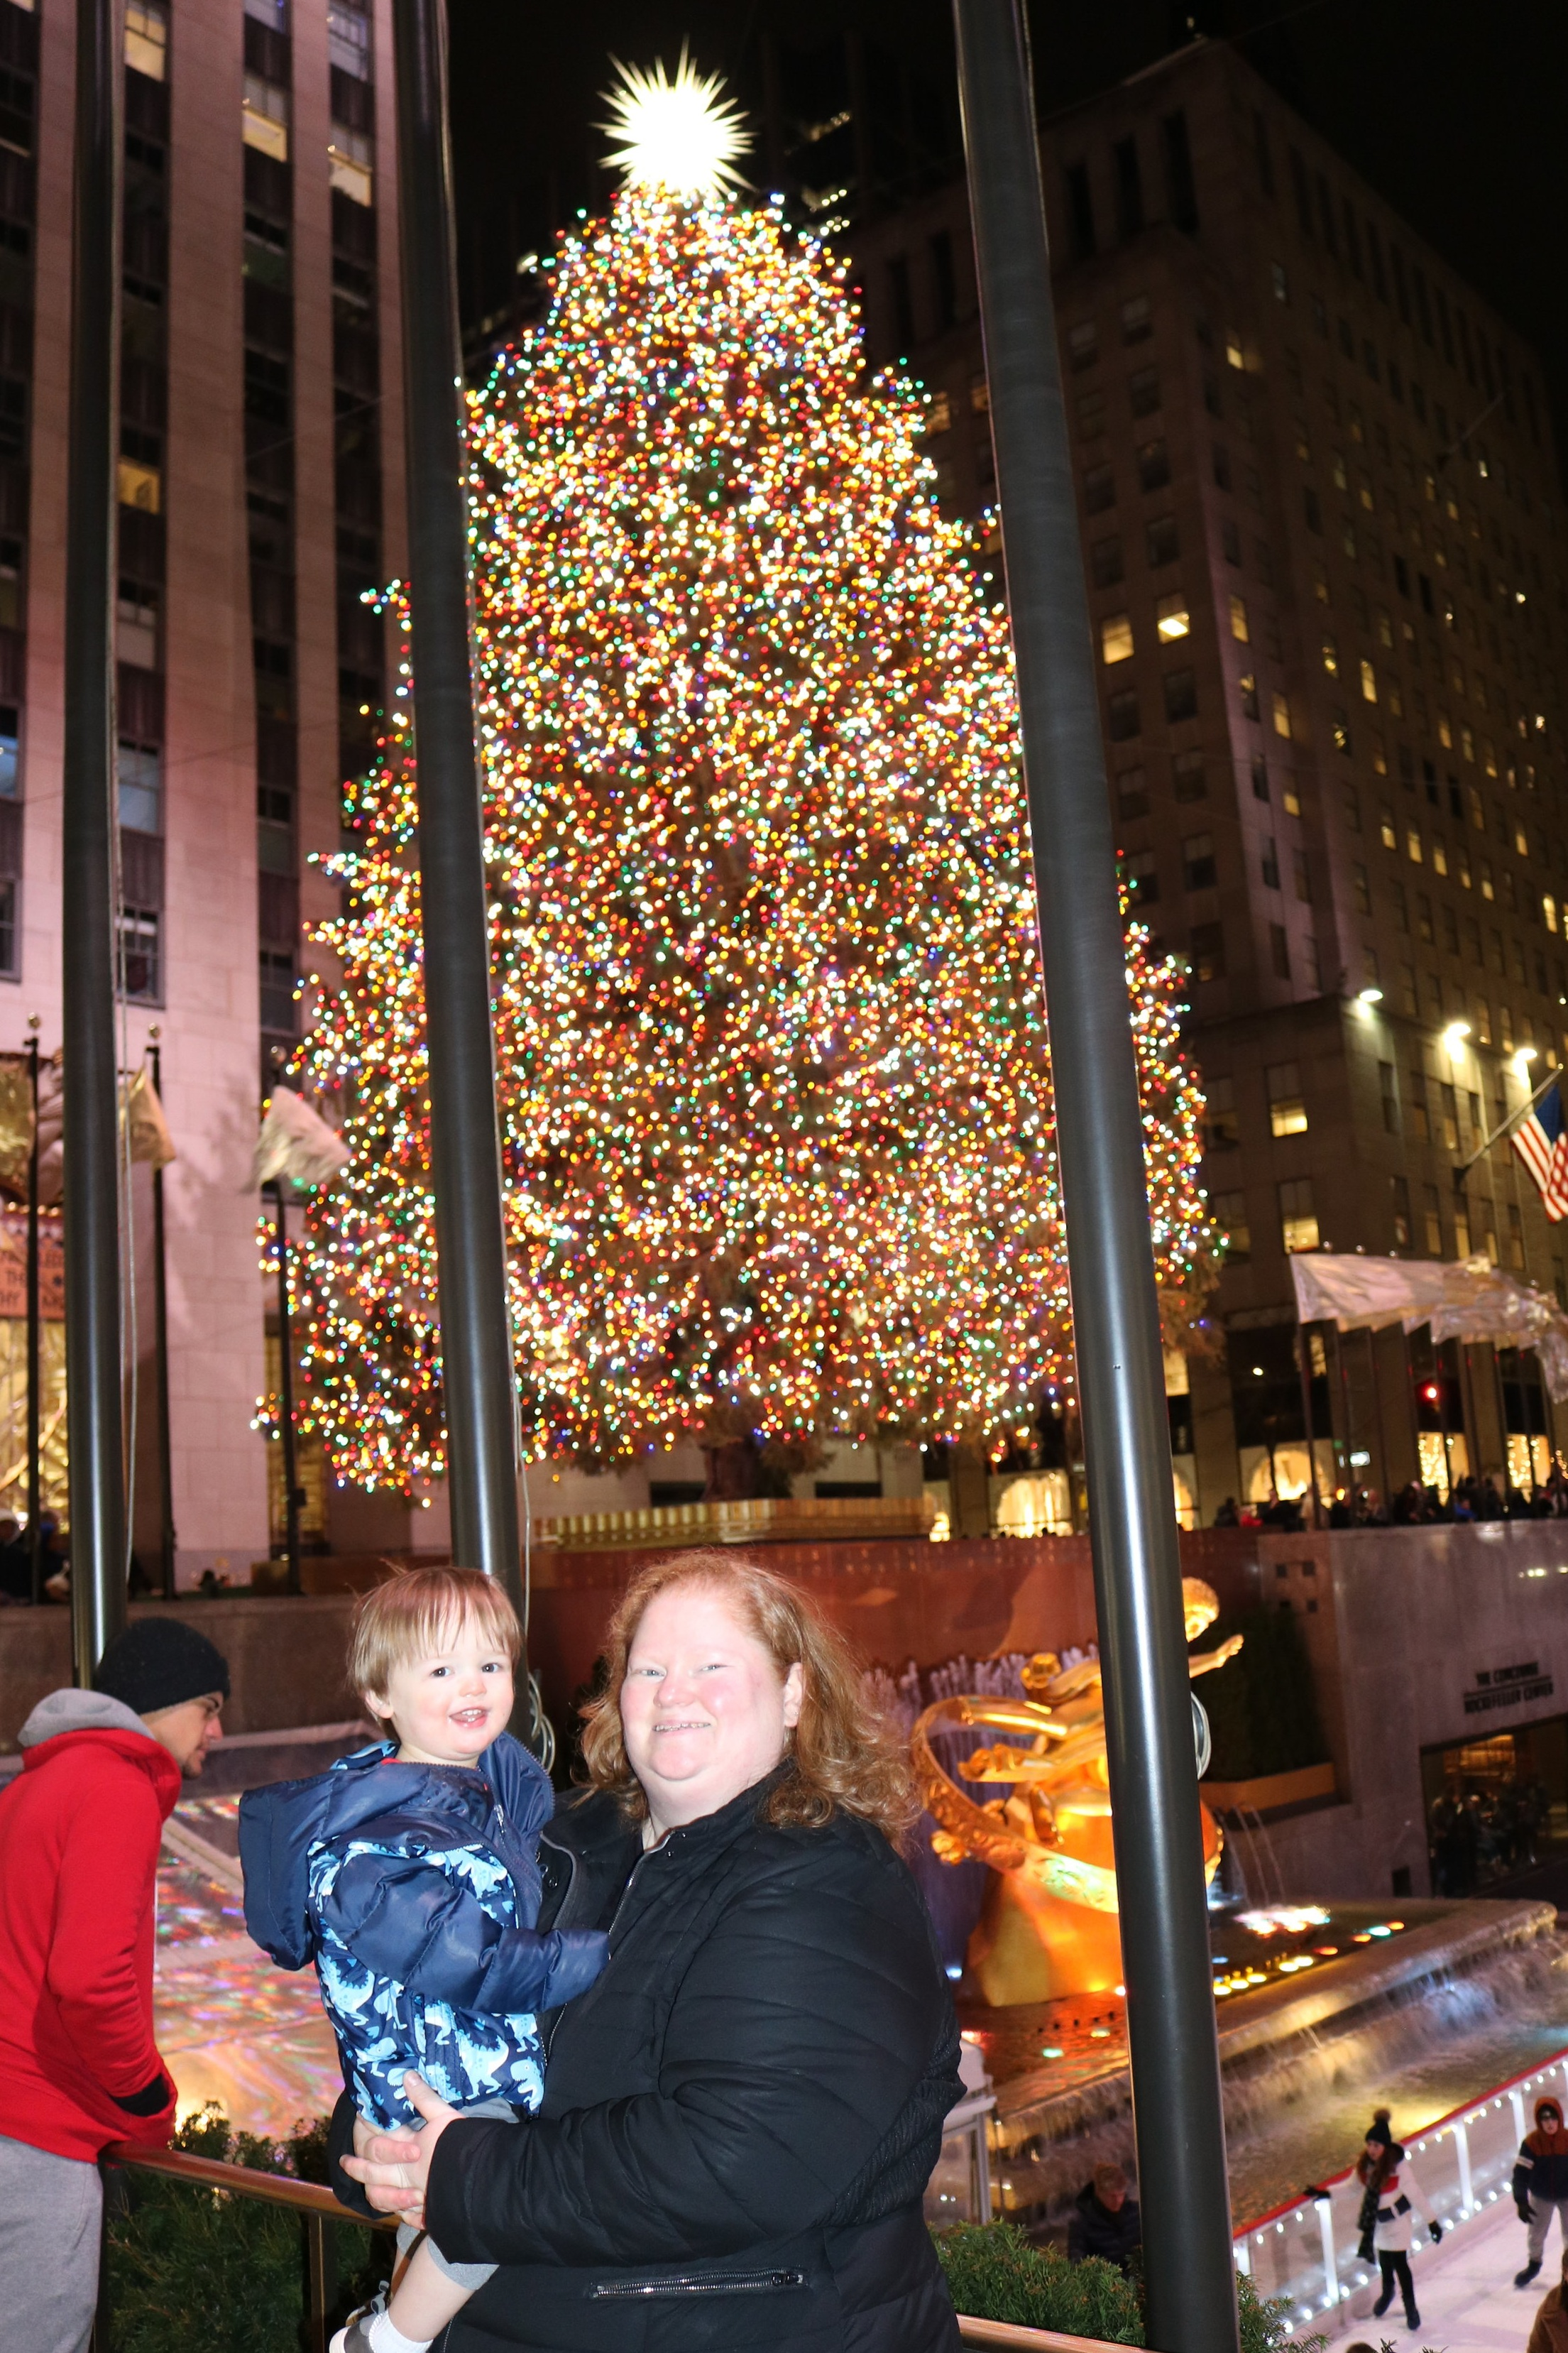 Visiting the Rockefeller Center Christmas Tree in New York